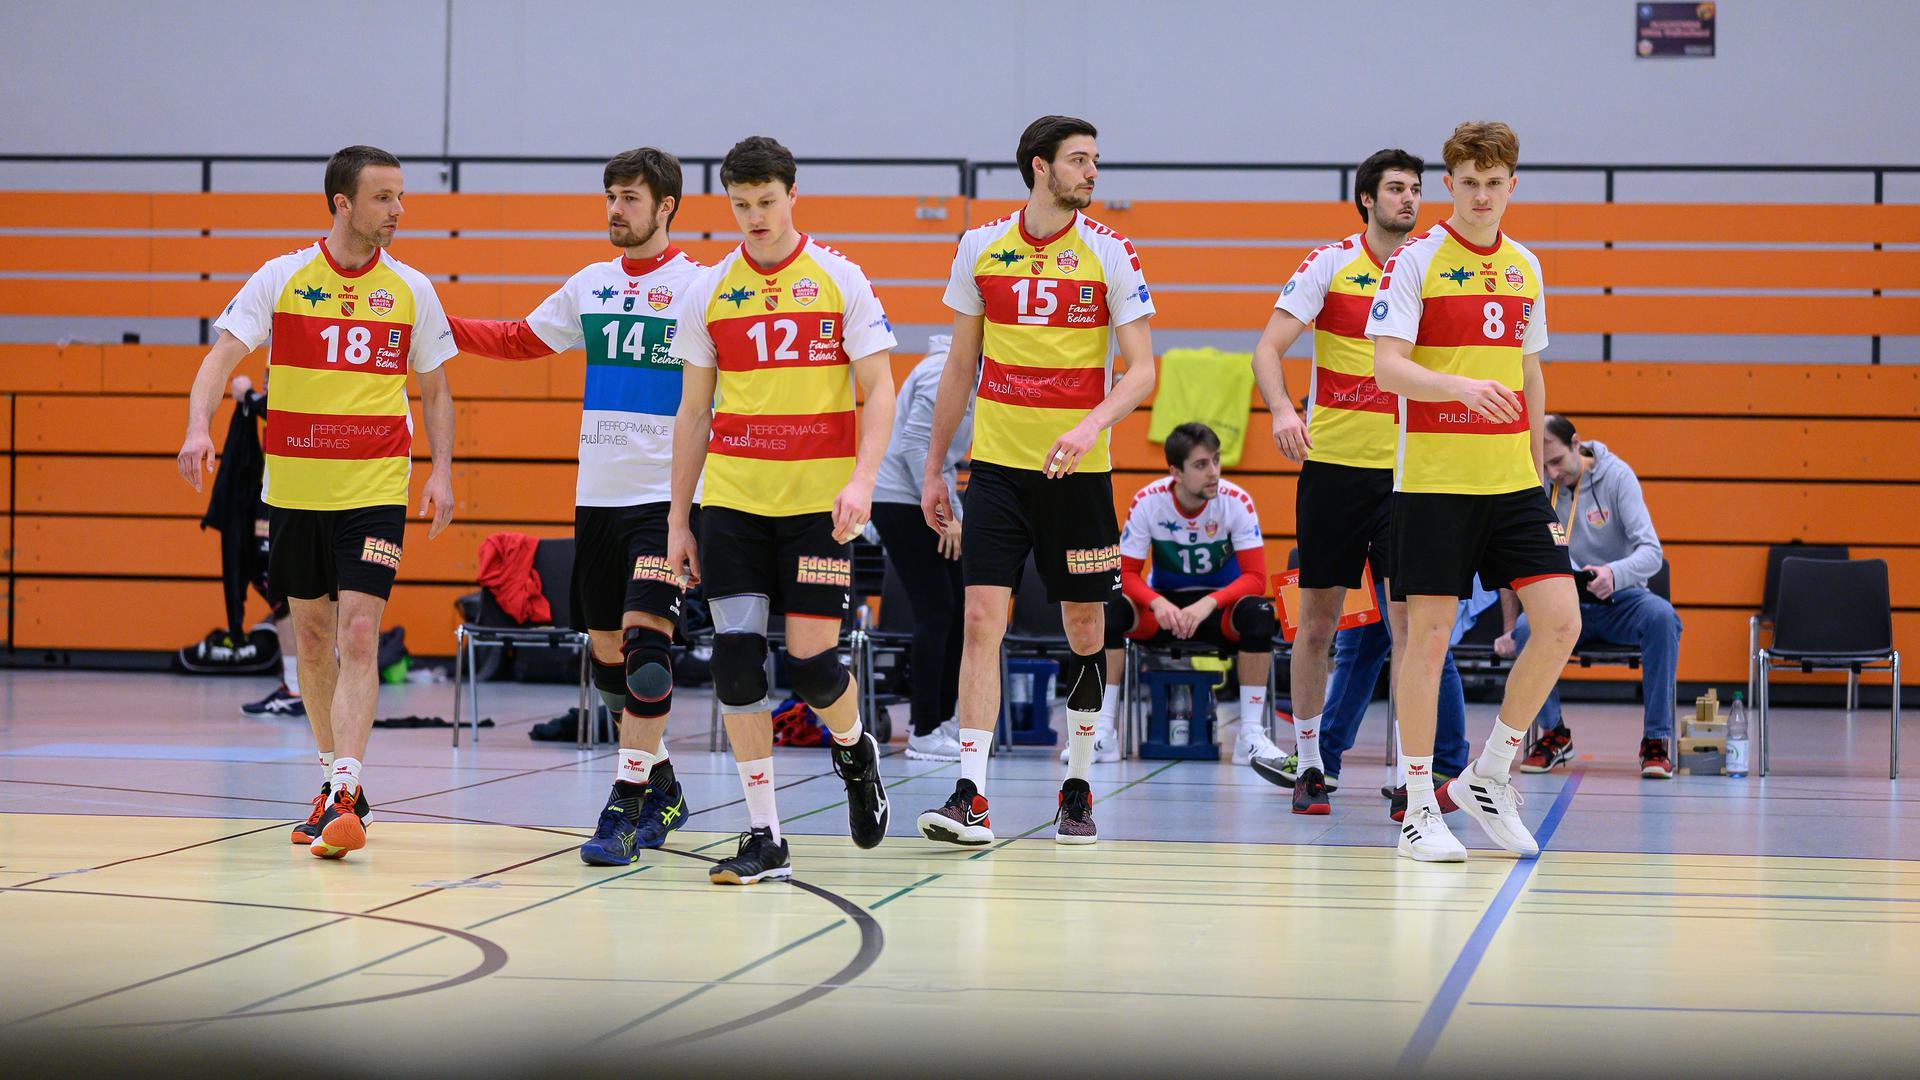 Sebastian Sent (18/SSC KA), Benjamin Dollhofer (14/SSC KA), Lukas Jaeger (12/SSC KA), Jens Sandmeier (15/SSC KA), Julian Schupritt (8/SSC KA) / v.l.  GES/ Volleyball/ 2. Bundesliga-Sued: Baden Volleys SSC Karlsruhe - SV Schwaig, 06.02.2021 --